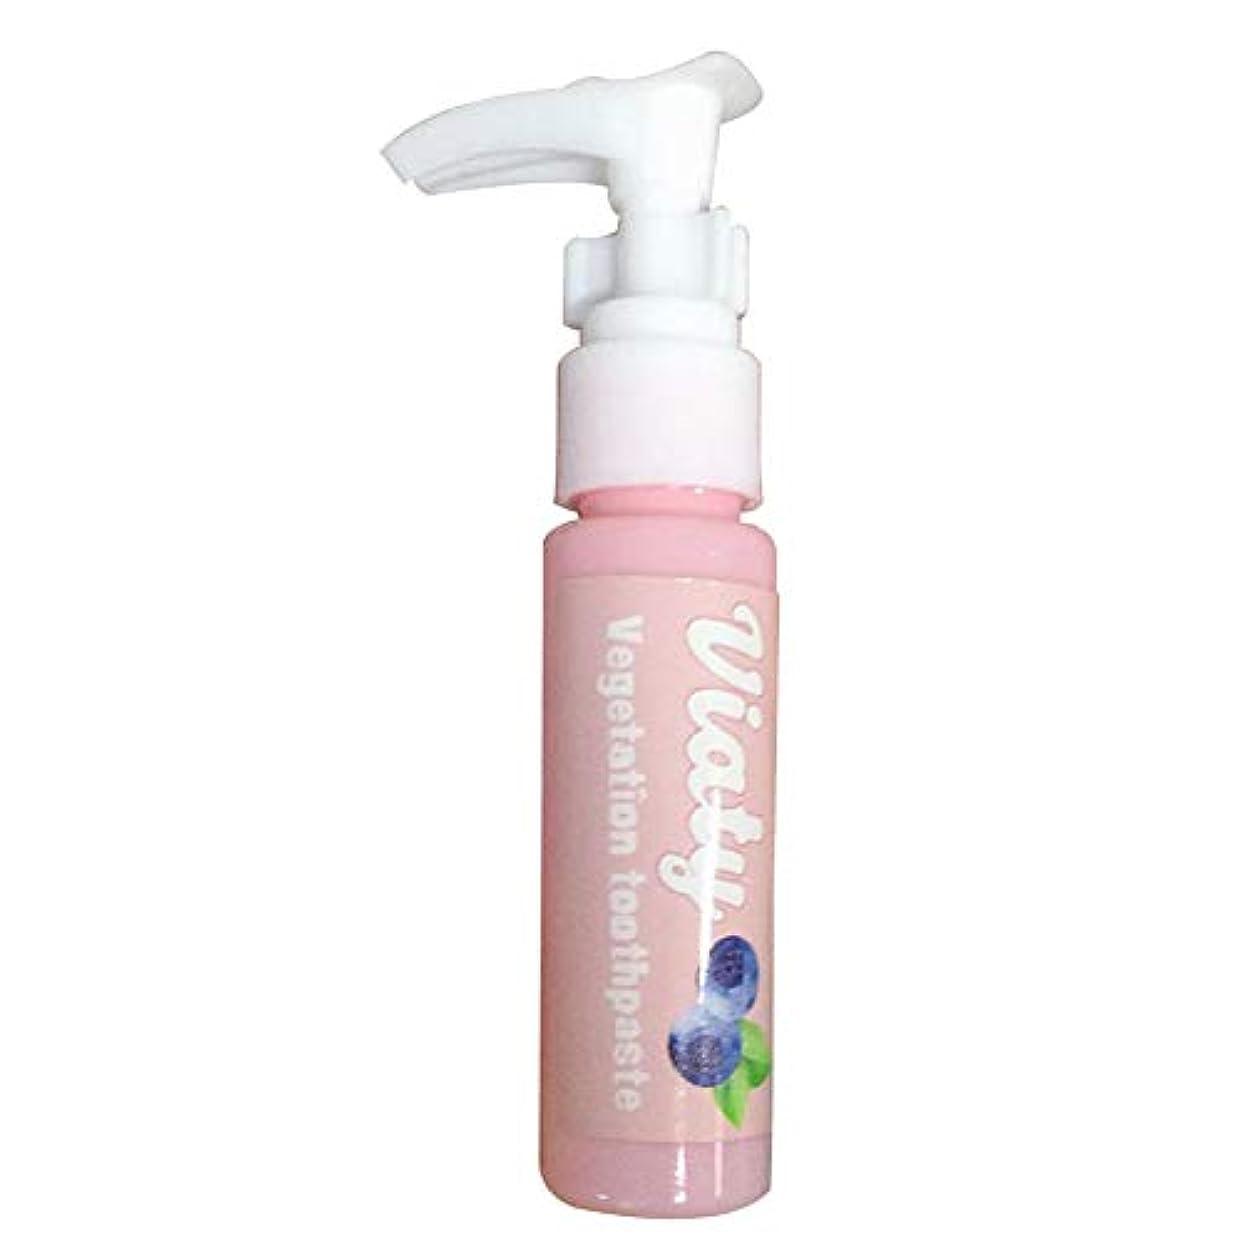 オークランドあなたのもの静めるJanusSaja歯磨き粉を押す旅行ベーキングソーダを白くする装置のフルーティーなベーキングソーダ歯磨き粉